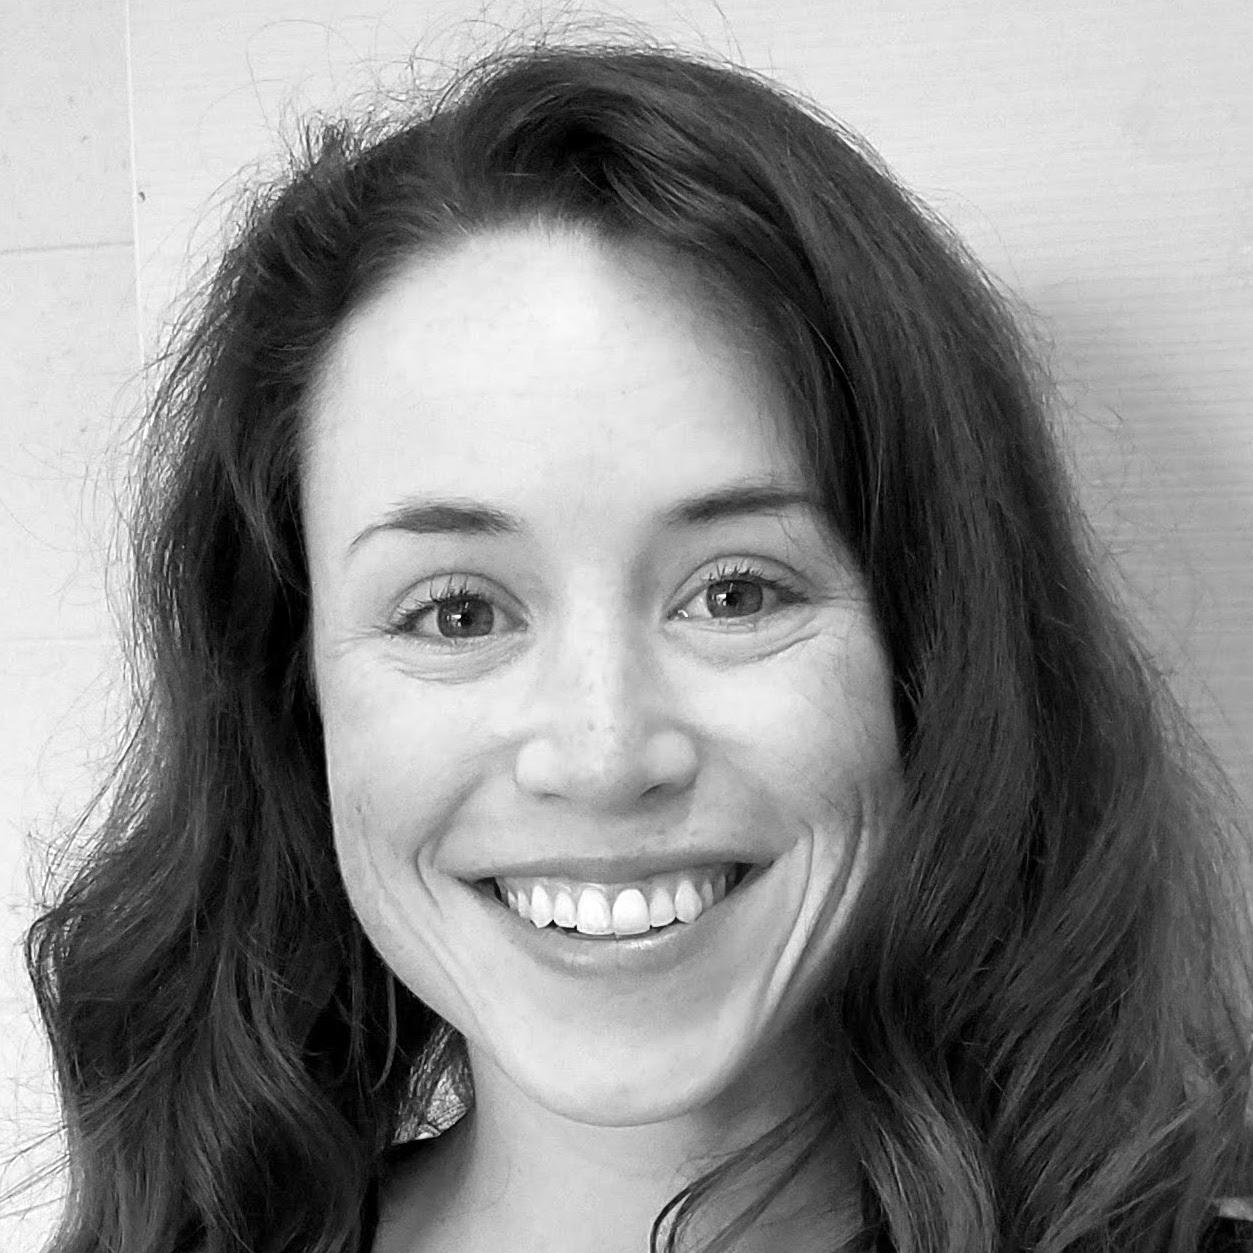 Amanda O'Shaughnessy